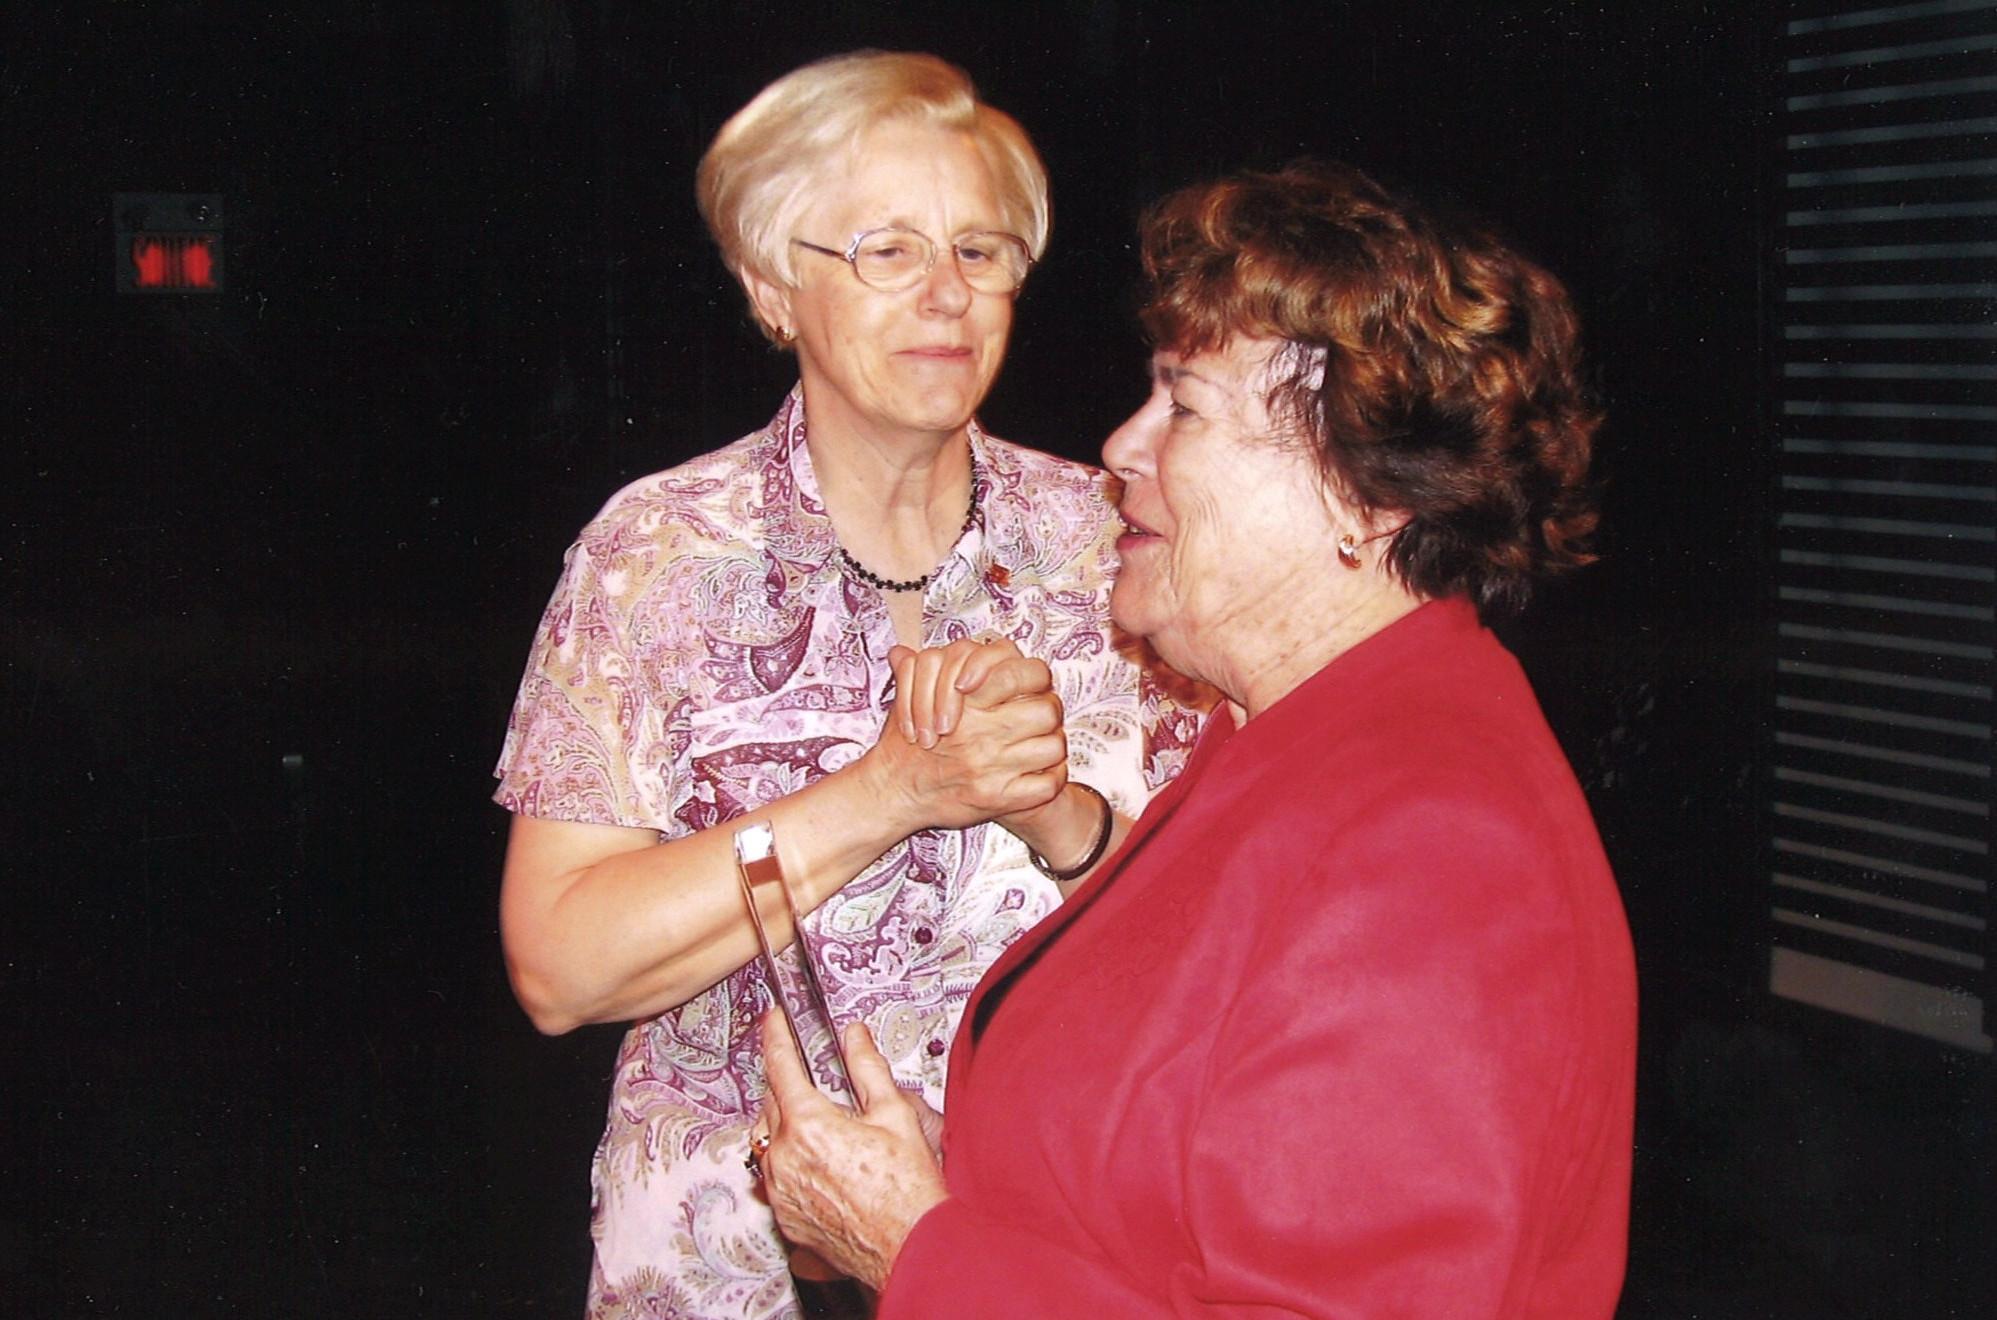 Bonnie Robichaud and Claire L'Heureux Dubé 25th anniversary 2005